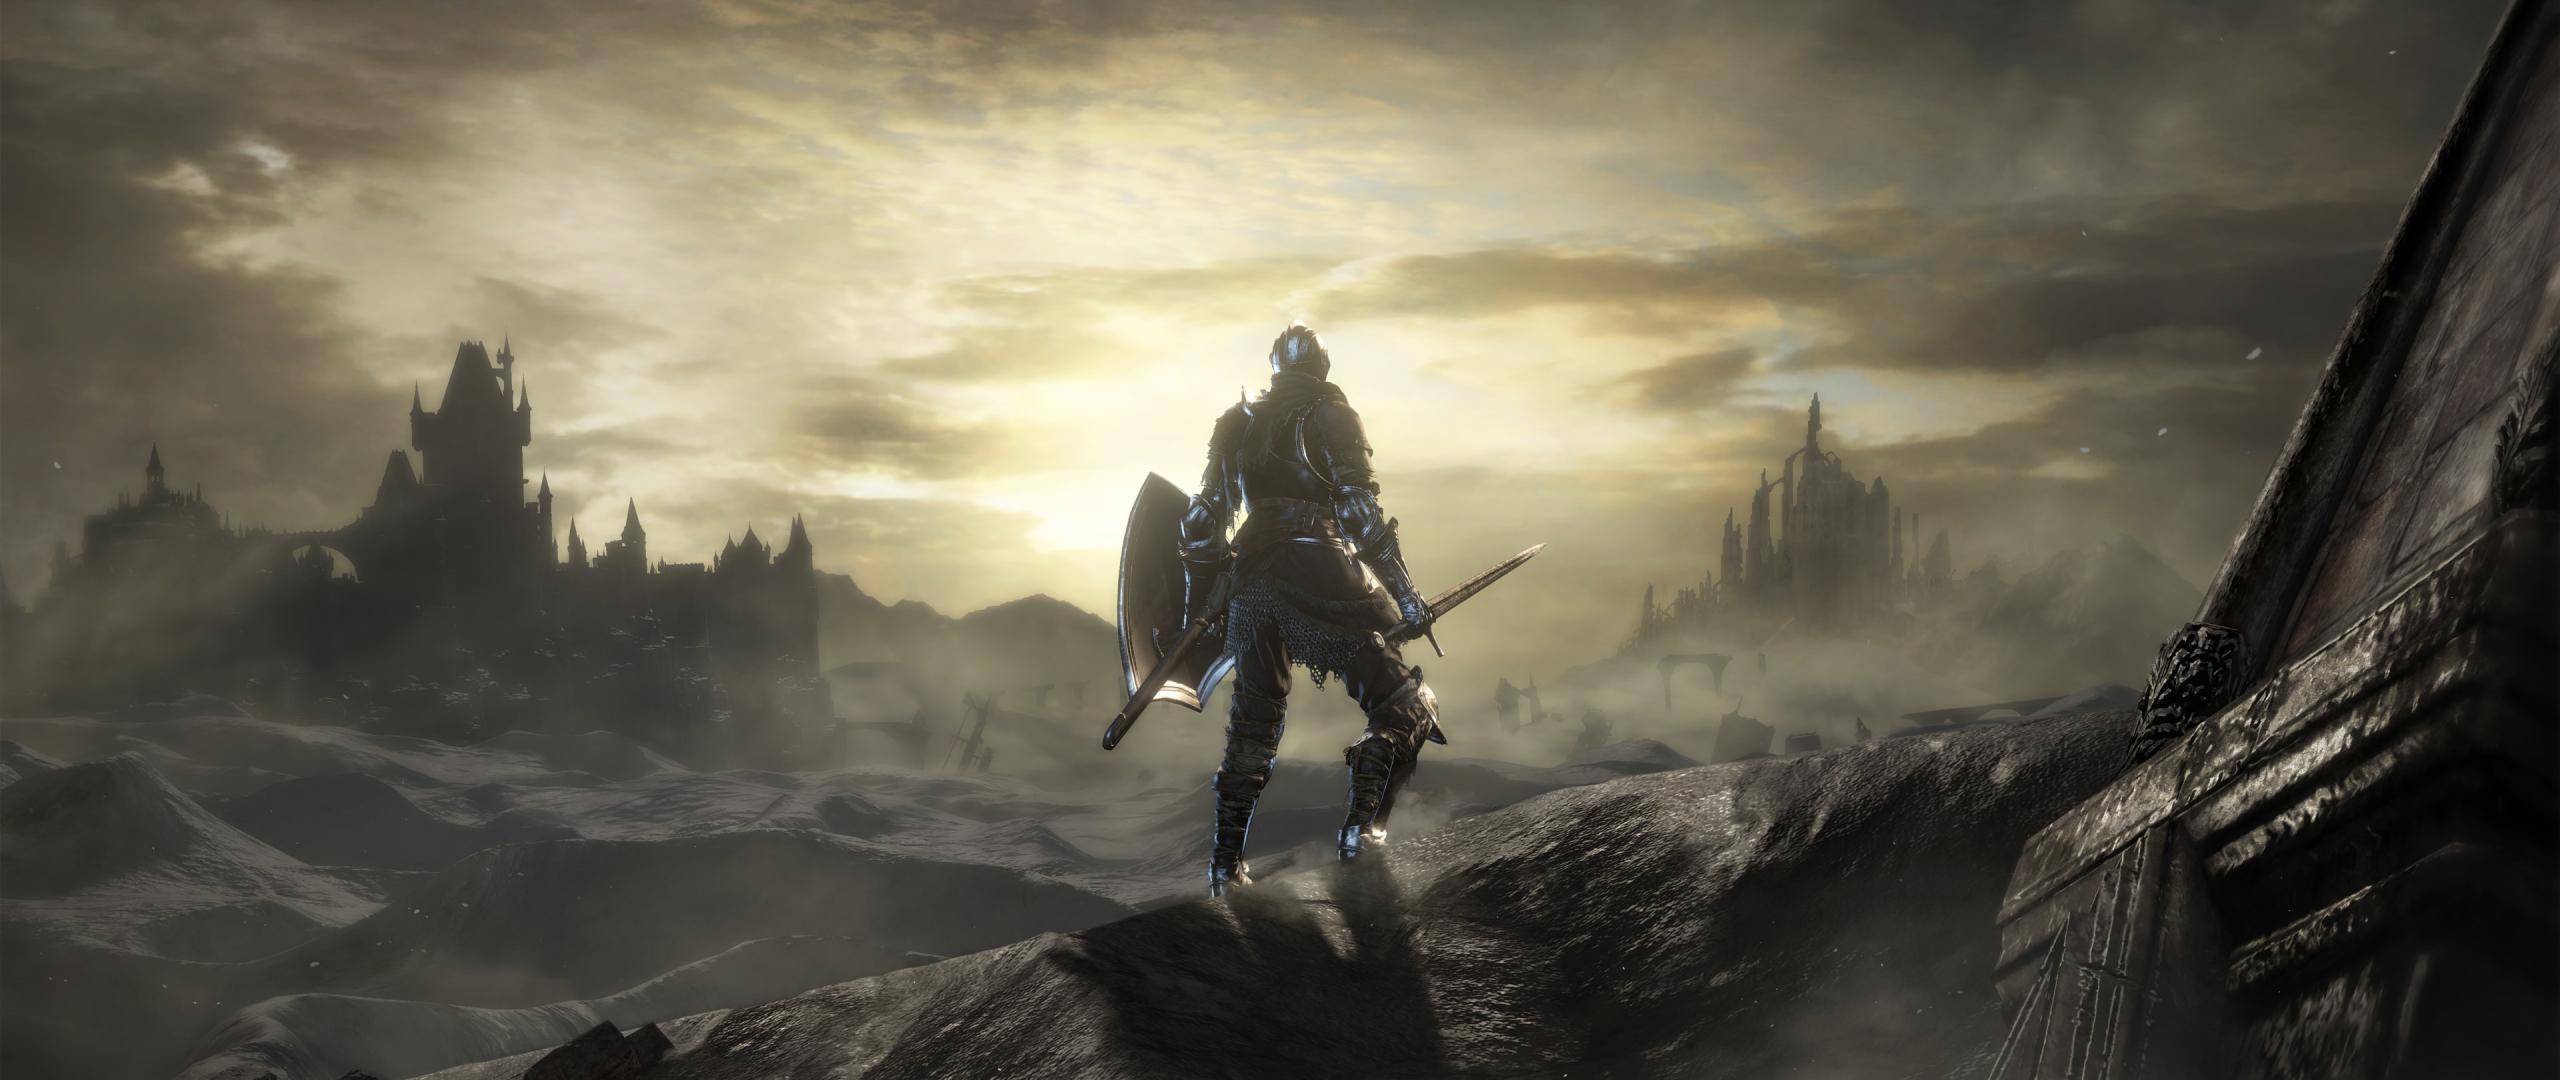 2560x1080 Dark Souls 3 Warrior 2560x1080 Resolution ...